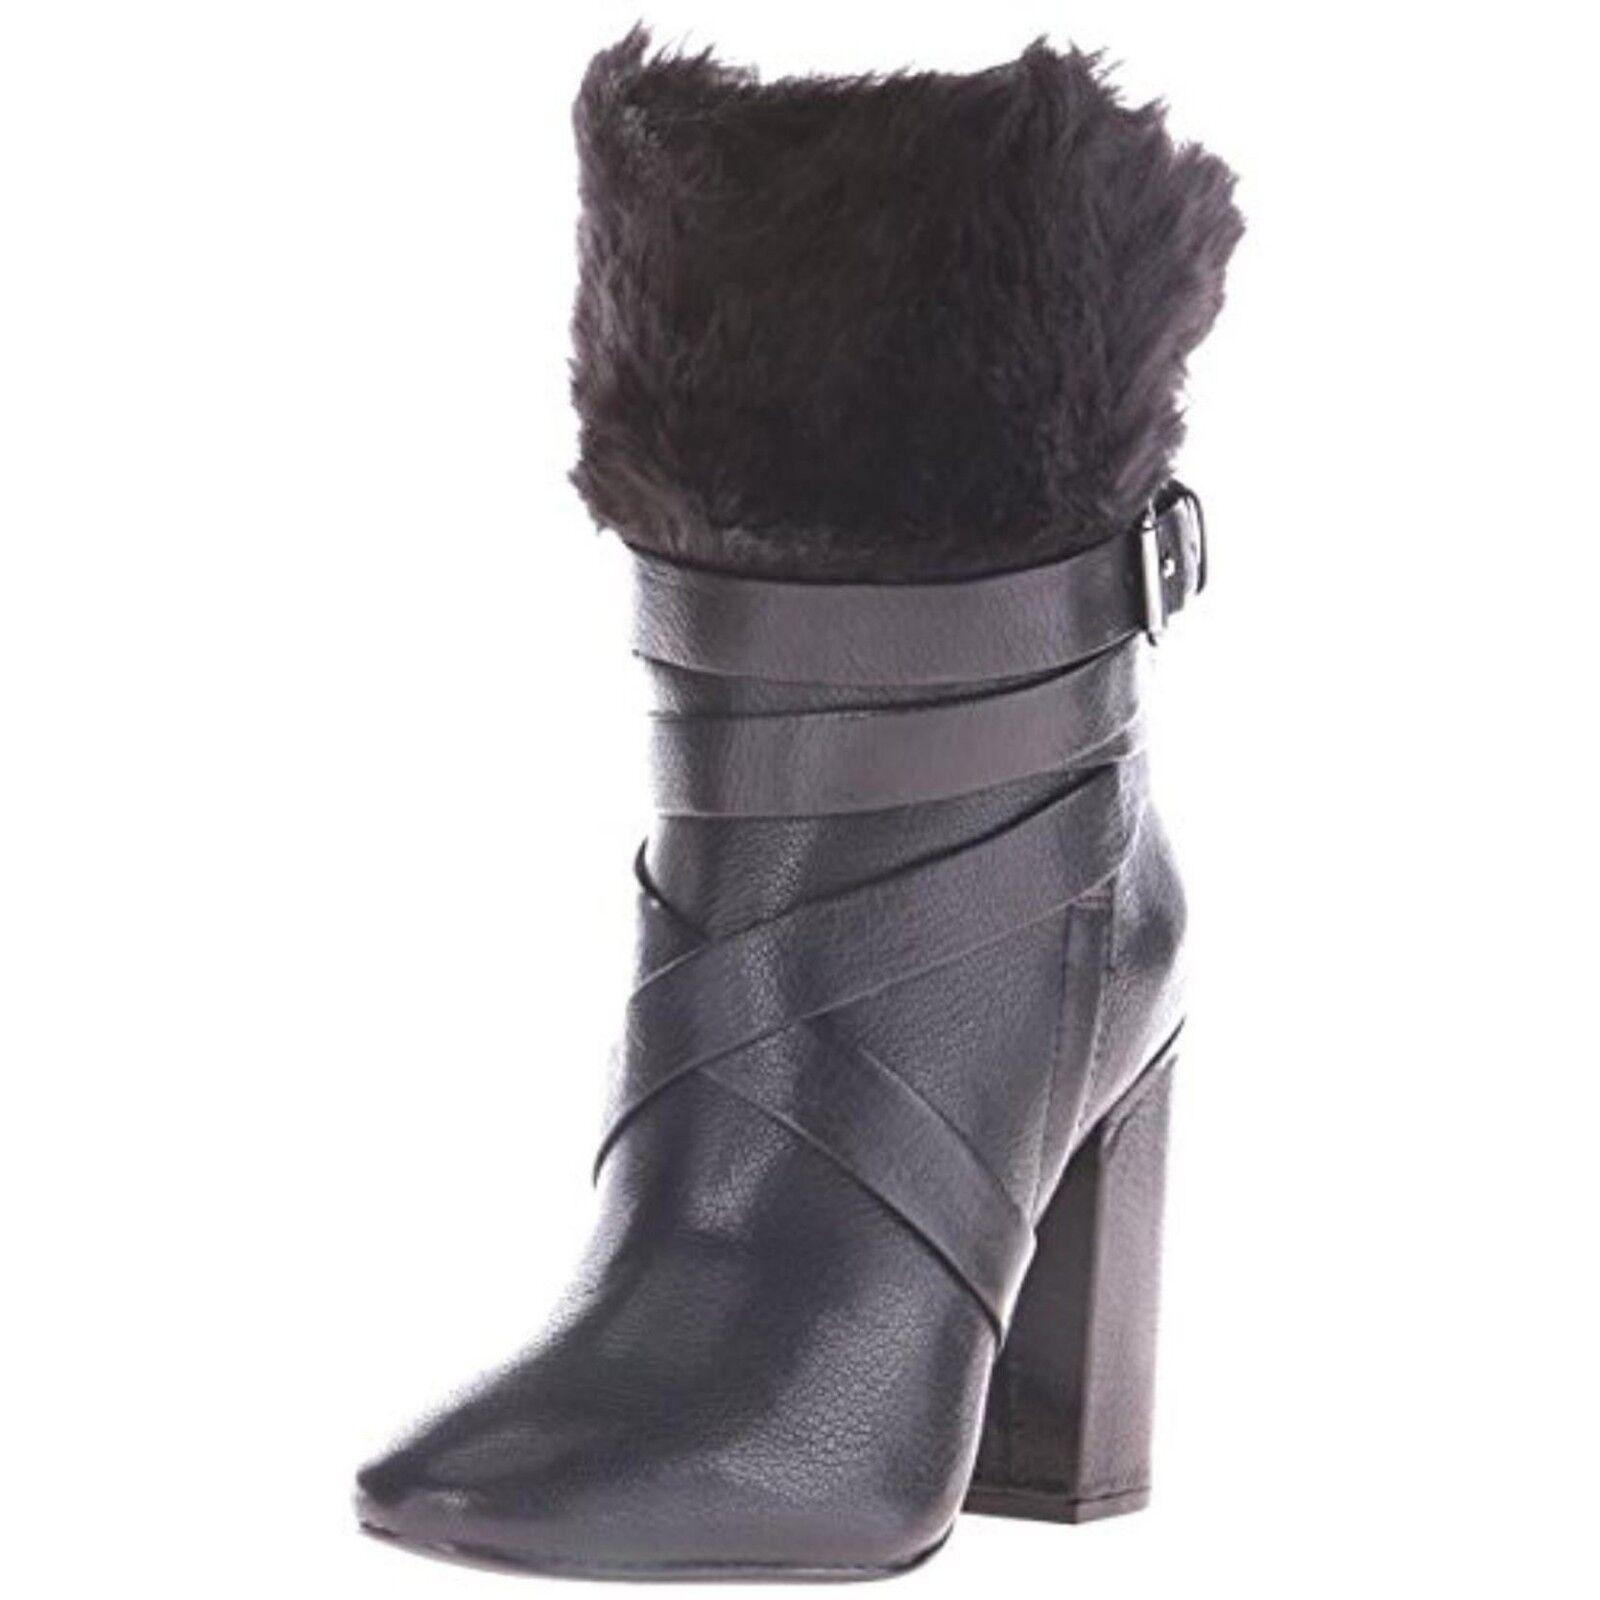 Pour La Victoire Bionda Black Leather Mid Calf Boots w/ Faux Fur Sz 6 325 NIB